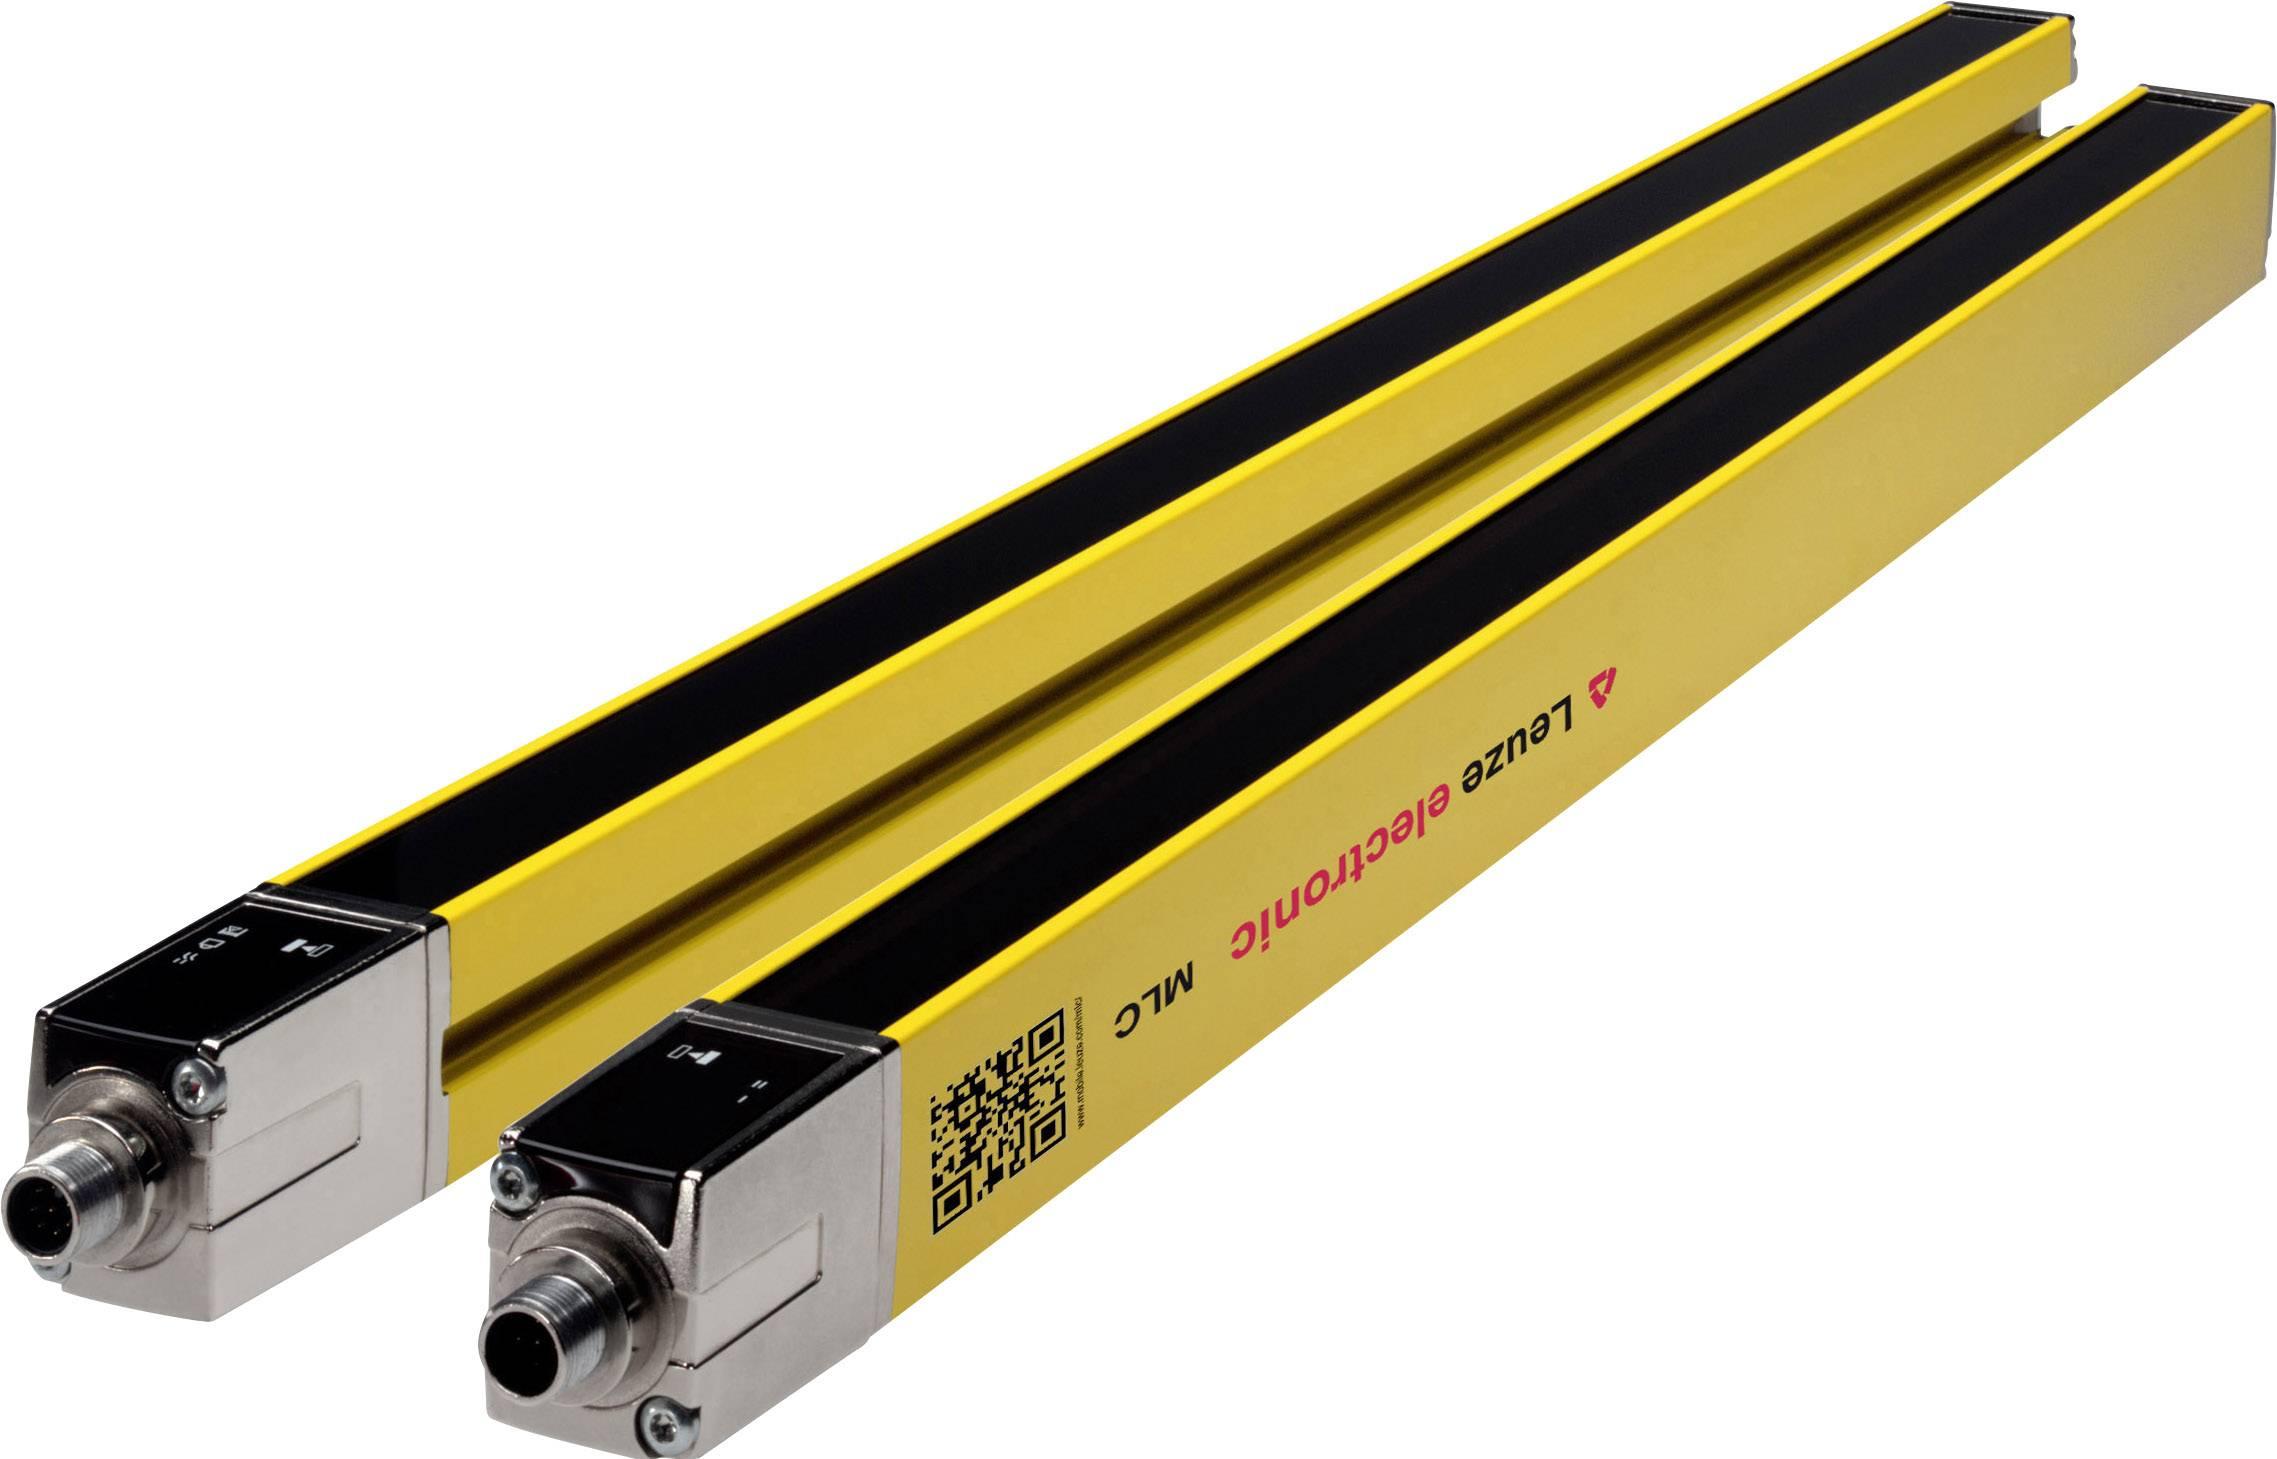 Bezpečnostní světelná závora s vysílačem Leuze Electronic MLC500T30-900 68000309